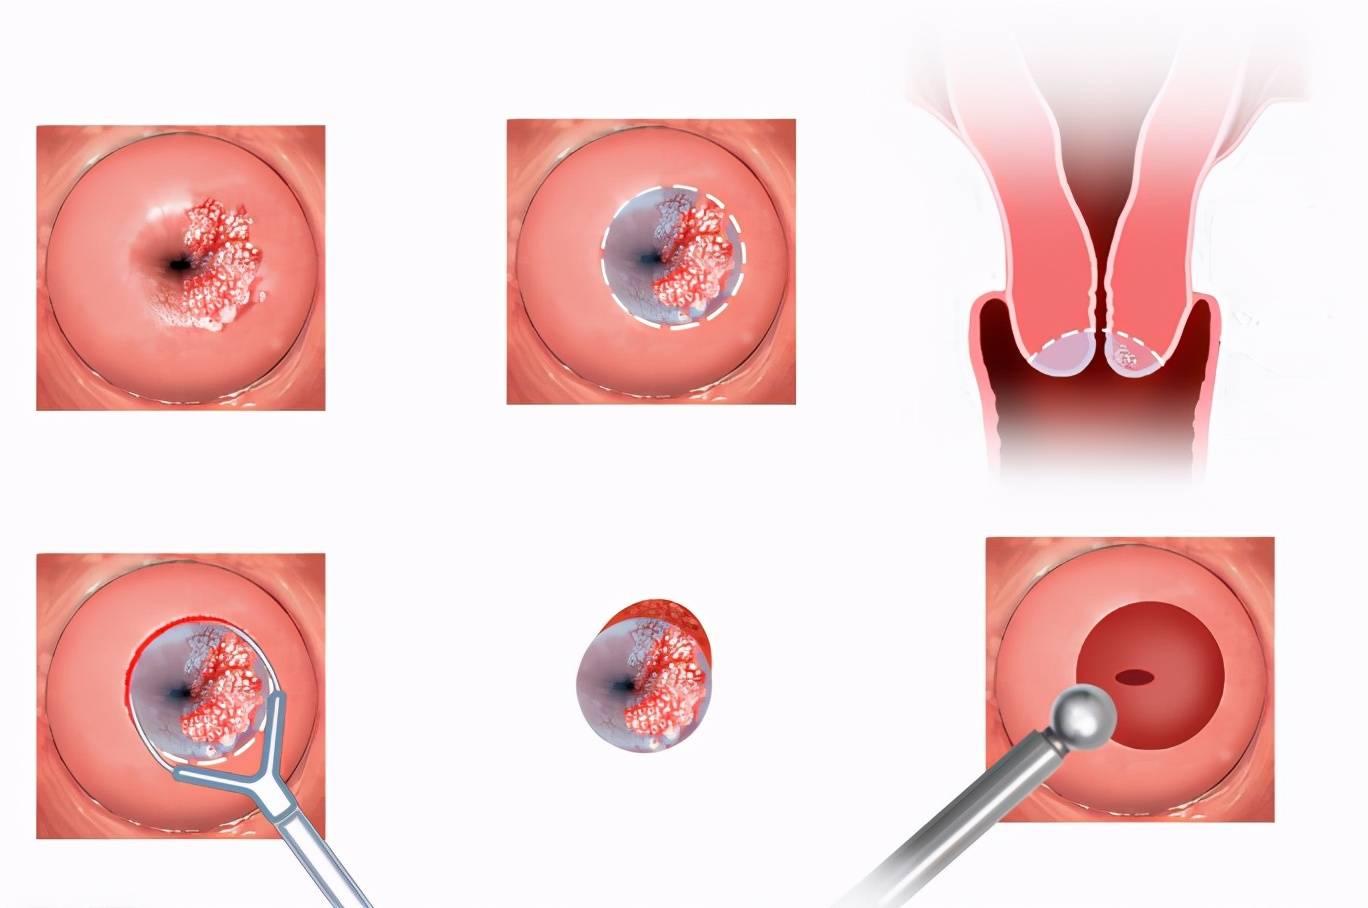 男人感染hpv初期图片 男人感染hpv会自愈吗